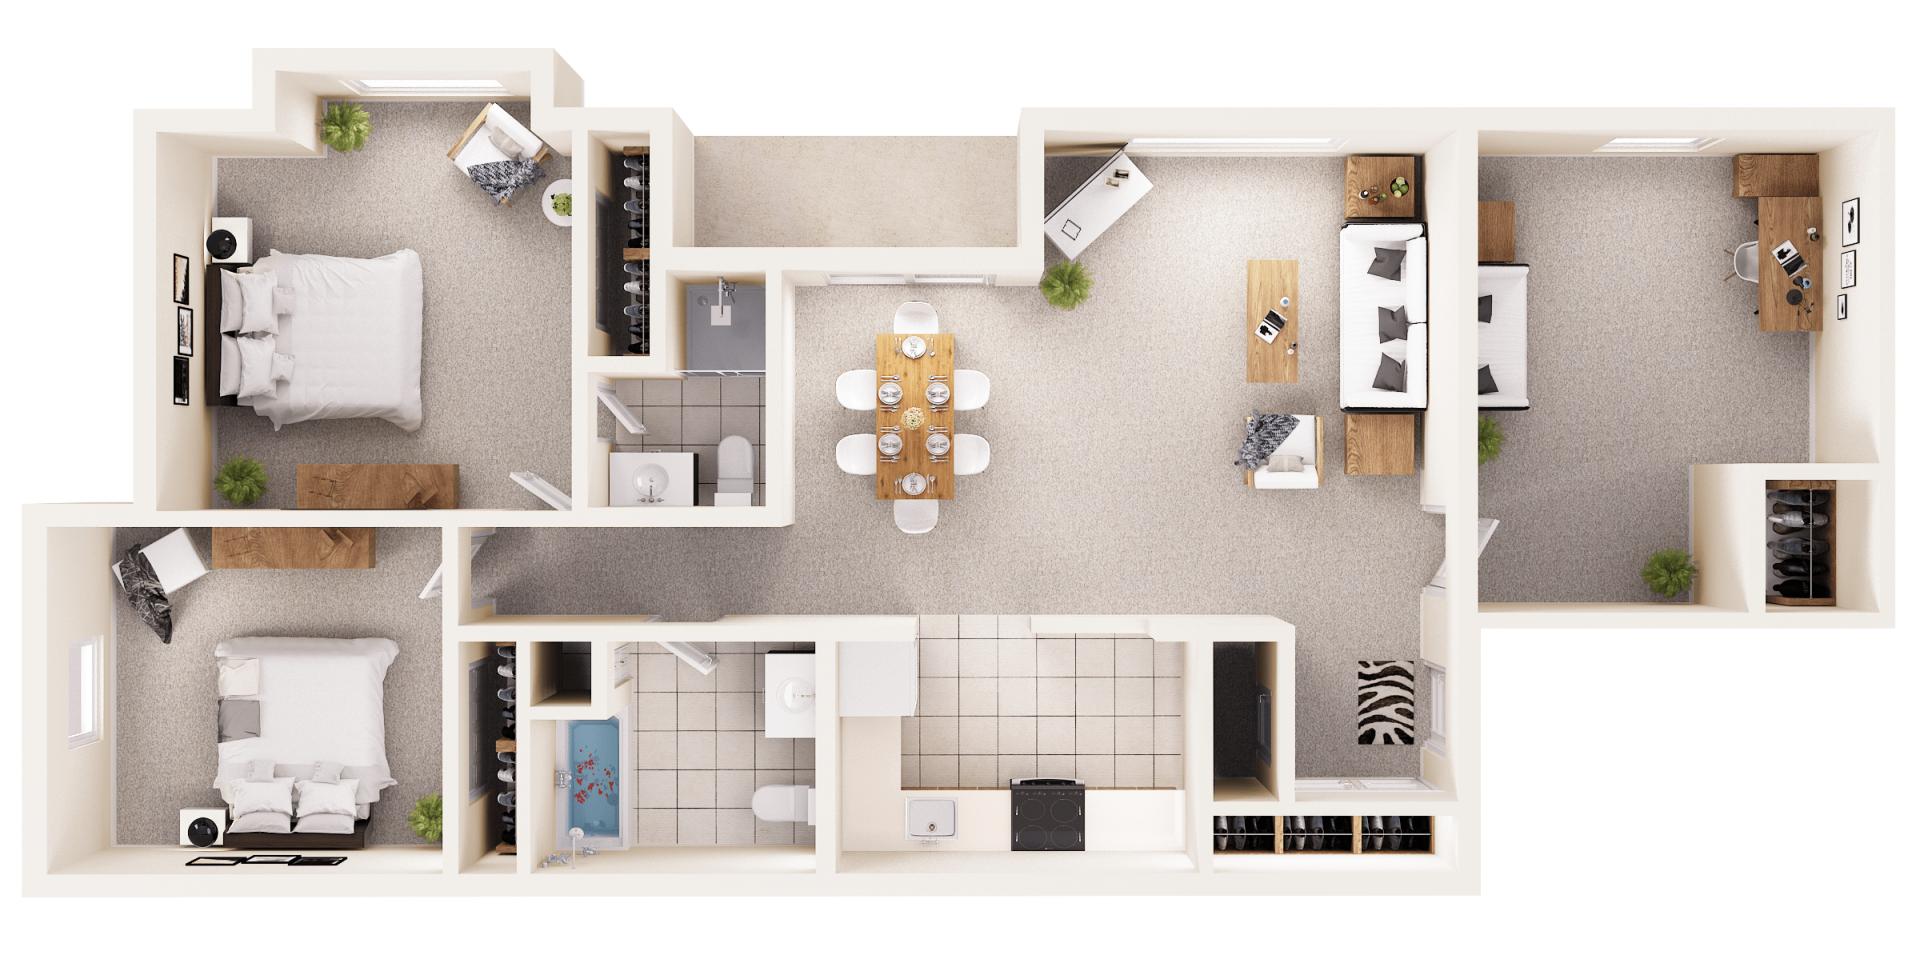 Three Bedroom Apartments | Colonie, Ny | Shaker Run for Three Bedroom Apartment